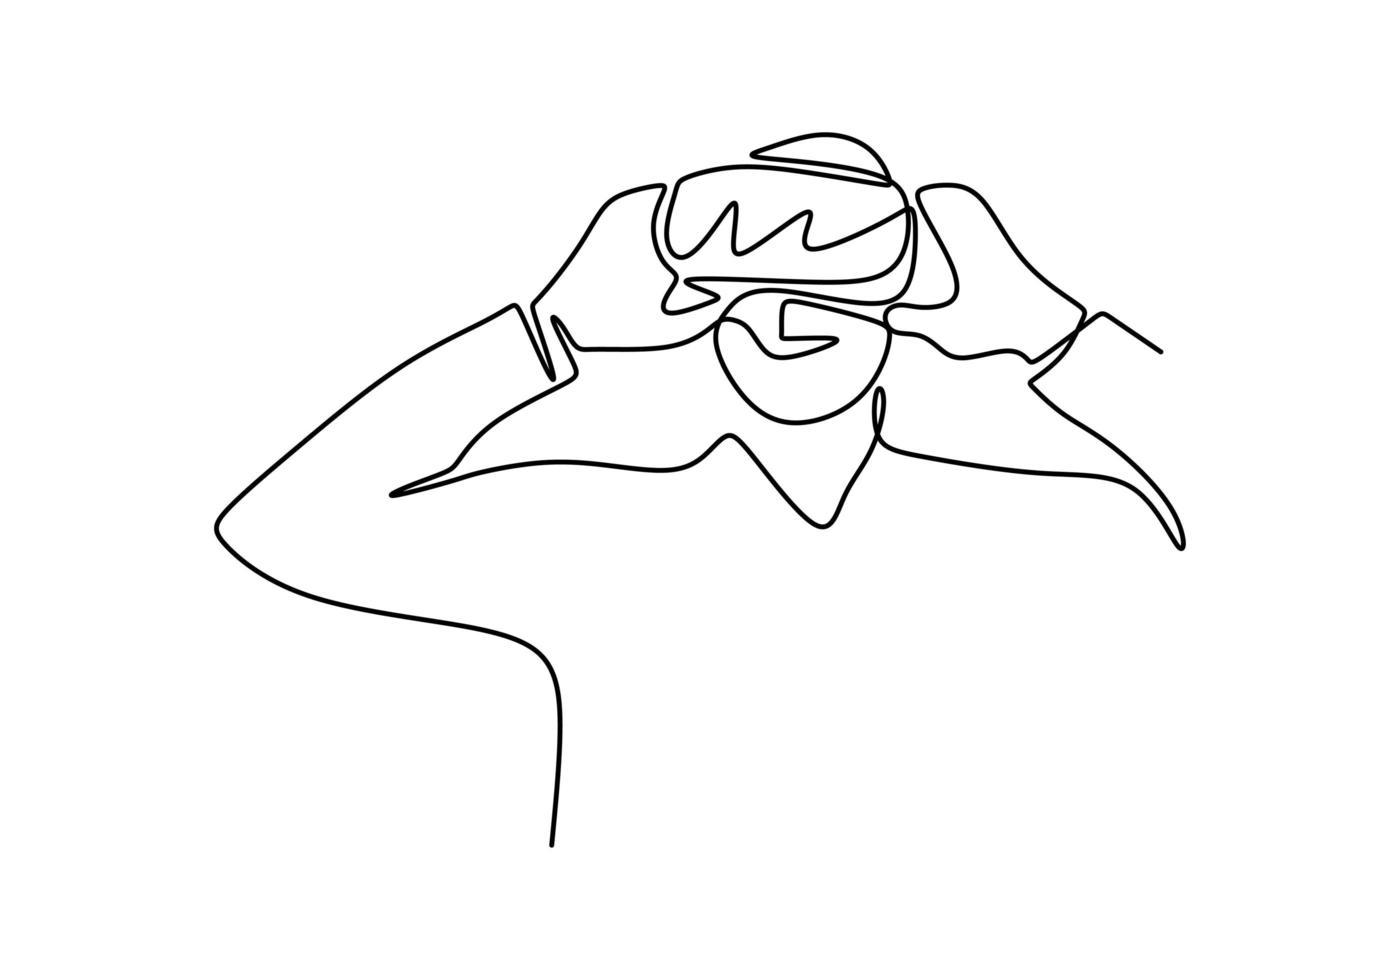 een regel continu tekening man in glazen apparaat virtual reality, vector illustratie eenvoud. minimalisme handgetekende elektronische toekomstige technologie.